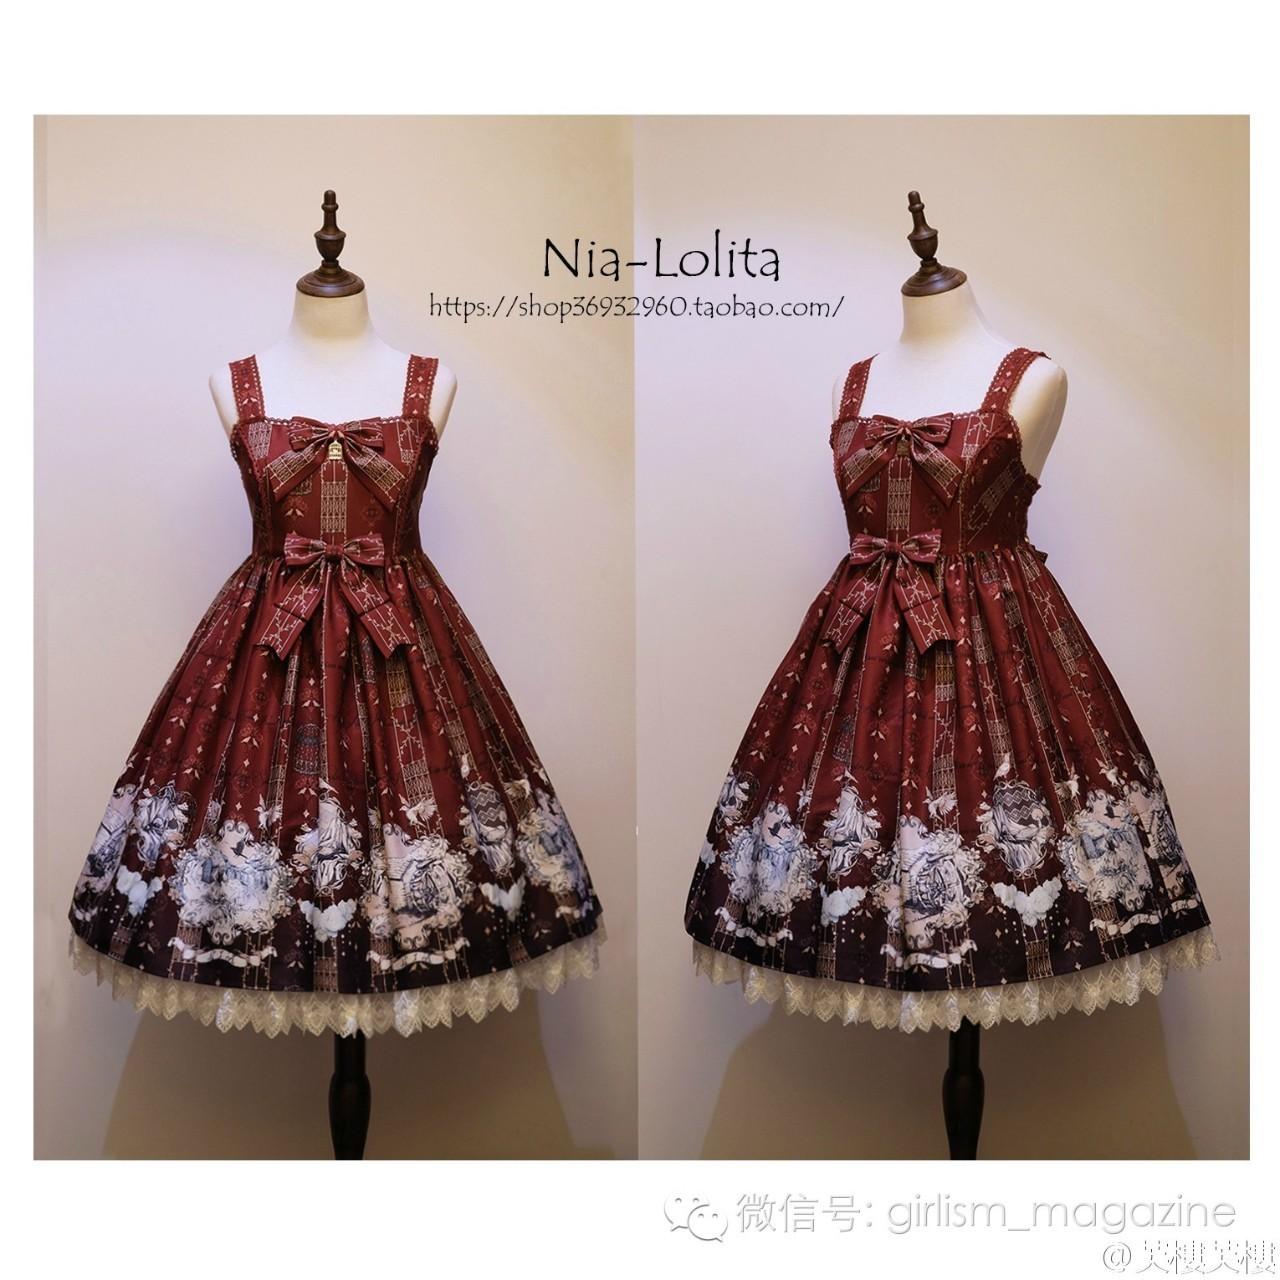 时尚 正文  n.i.a lolita 为你最喜欢的裙子投票吧!可多选!图片